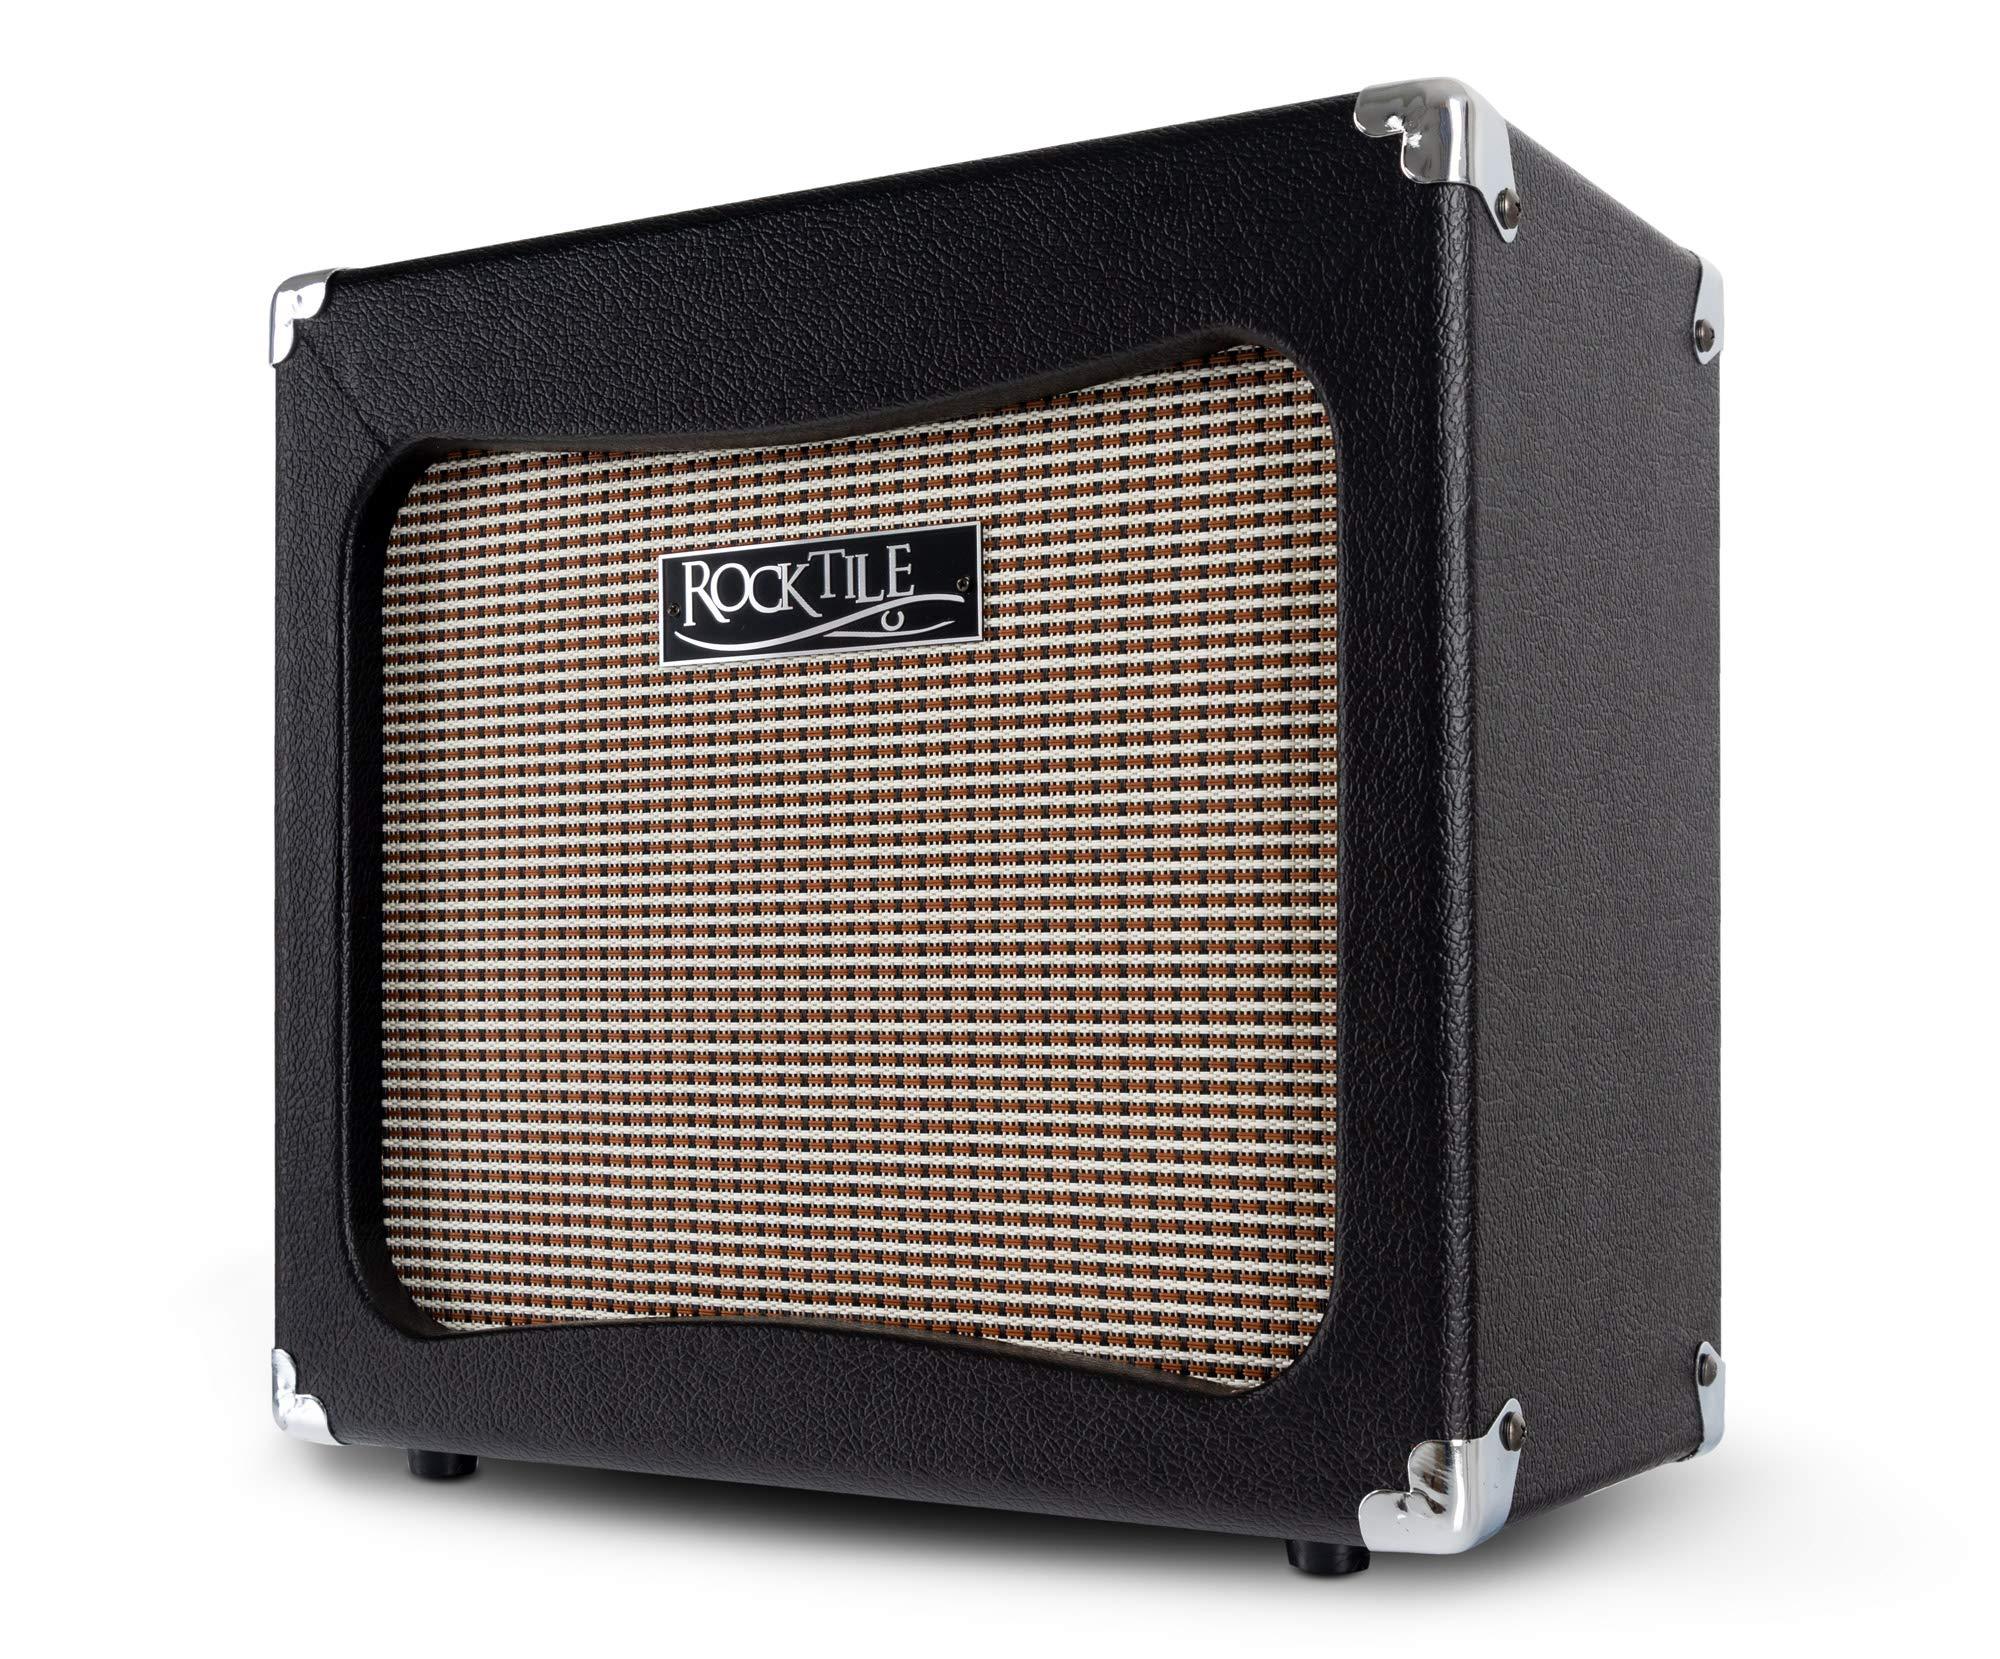 Rocktile GA-15 Carlos Modeling Amplificador de guitarra: Amazon.es: Instrumentos musicales